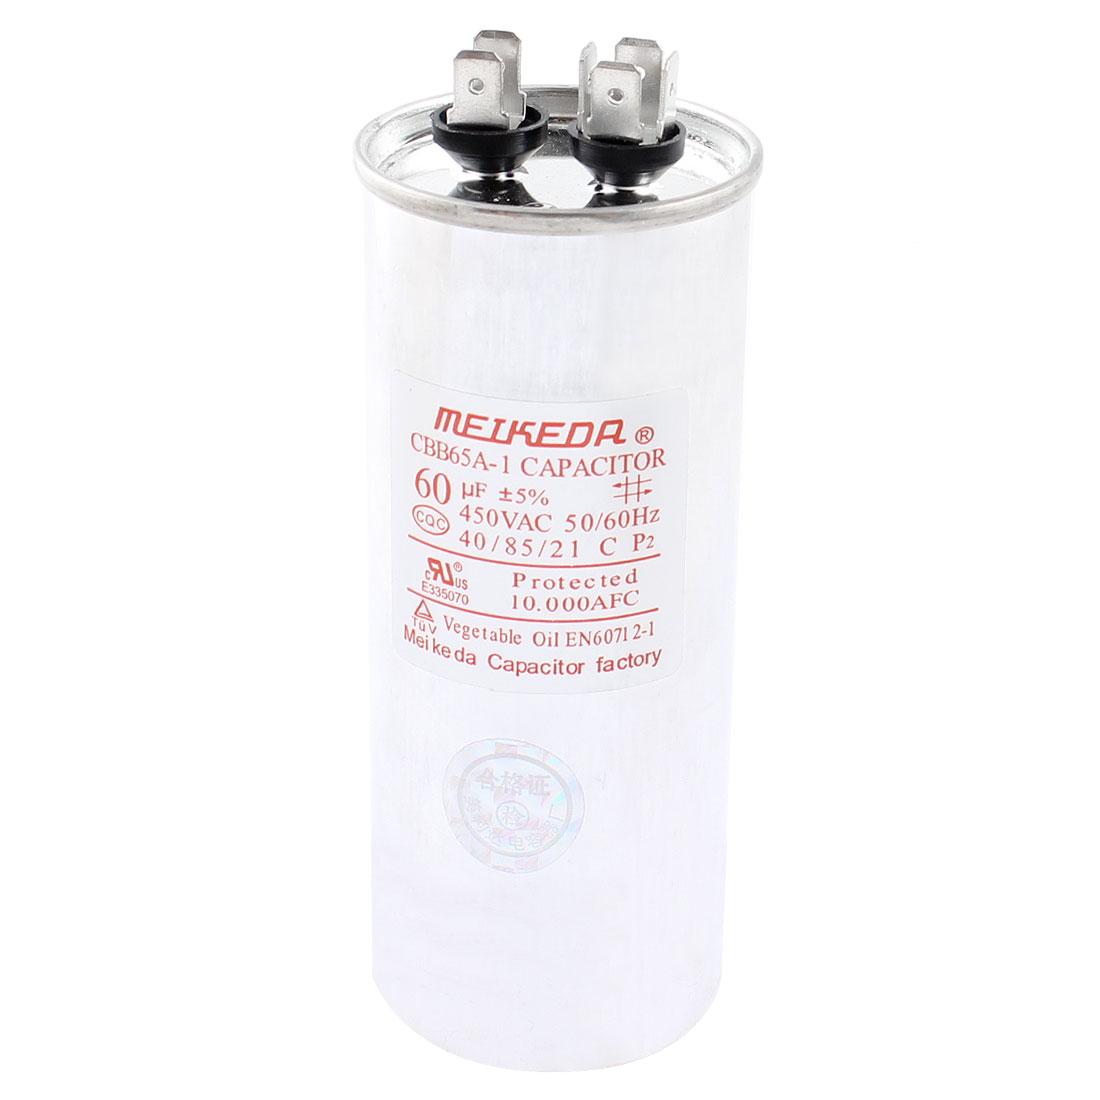 CBB65A-1 AC 450V 60uF Capacitance 5% 50/60Hz Polypropylene Film Motor Capacitor for Air Conditioner